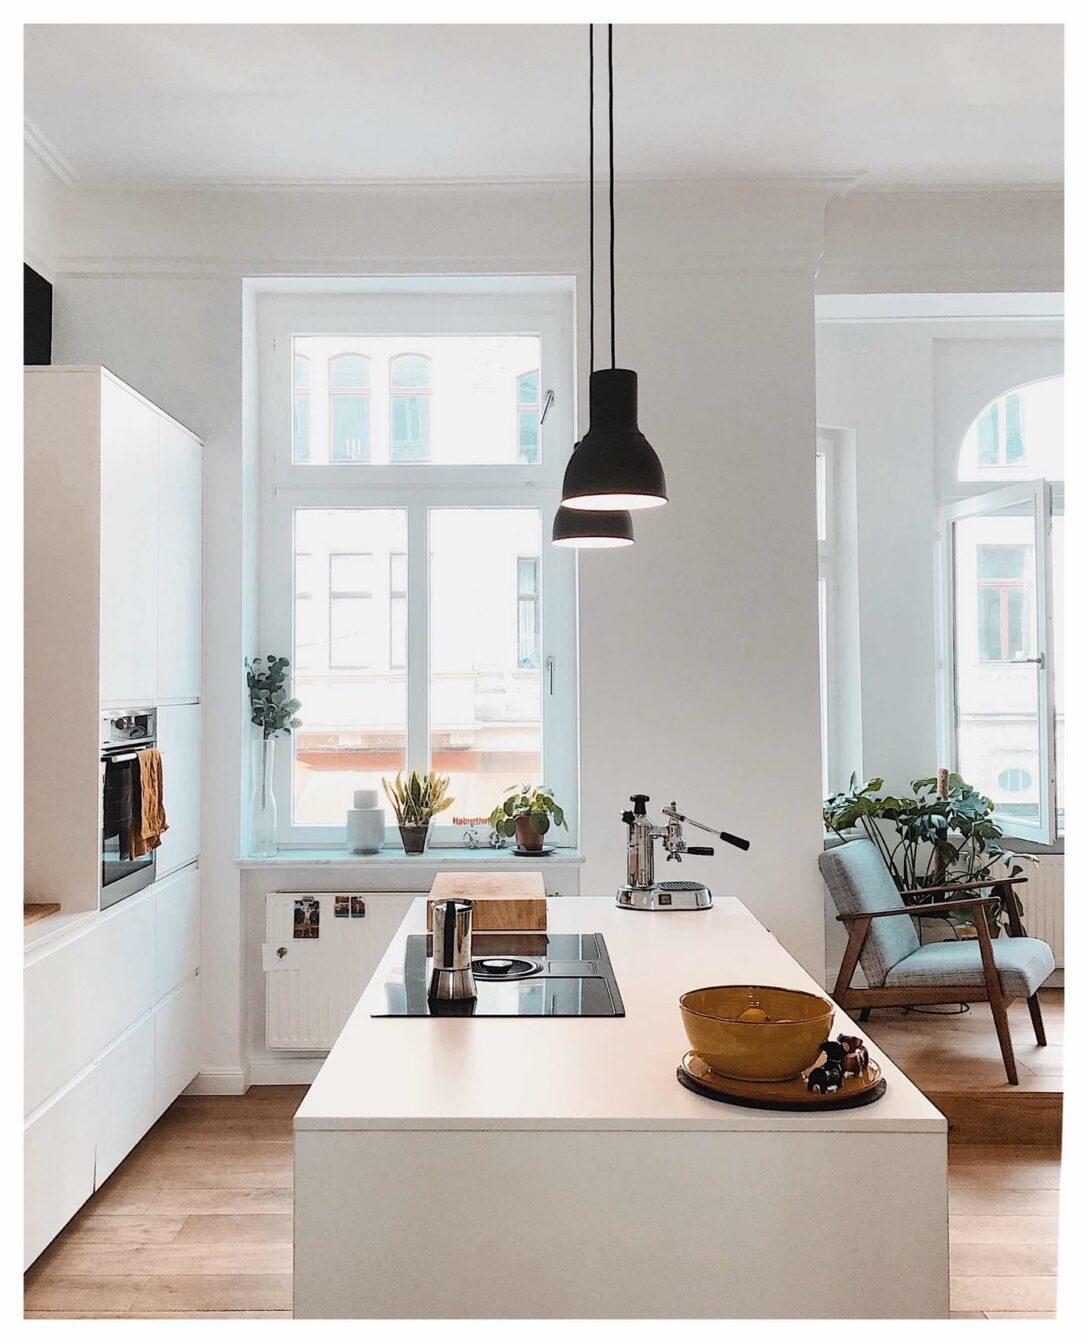 Large Size of Ikea Kchen Tolle Tipps Und Ideen Fr Kchenplanung Miniküche Küche Mit Geräten Bodenbelag Wasserhahn Hängeschrank Hängeschränke Alno Waschbecken Wohnzimmer Servierwagen Küche Ikea